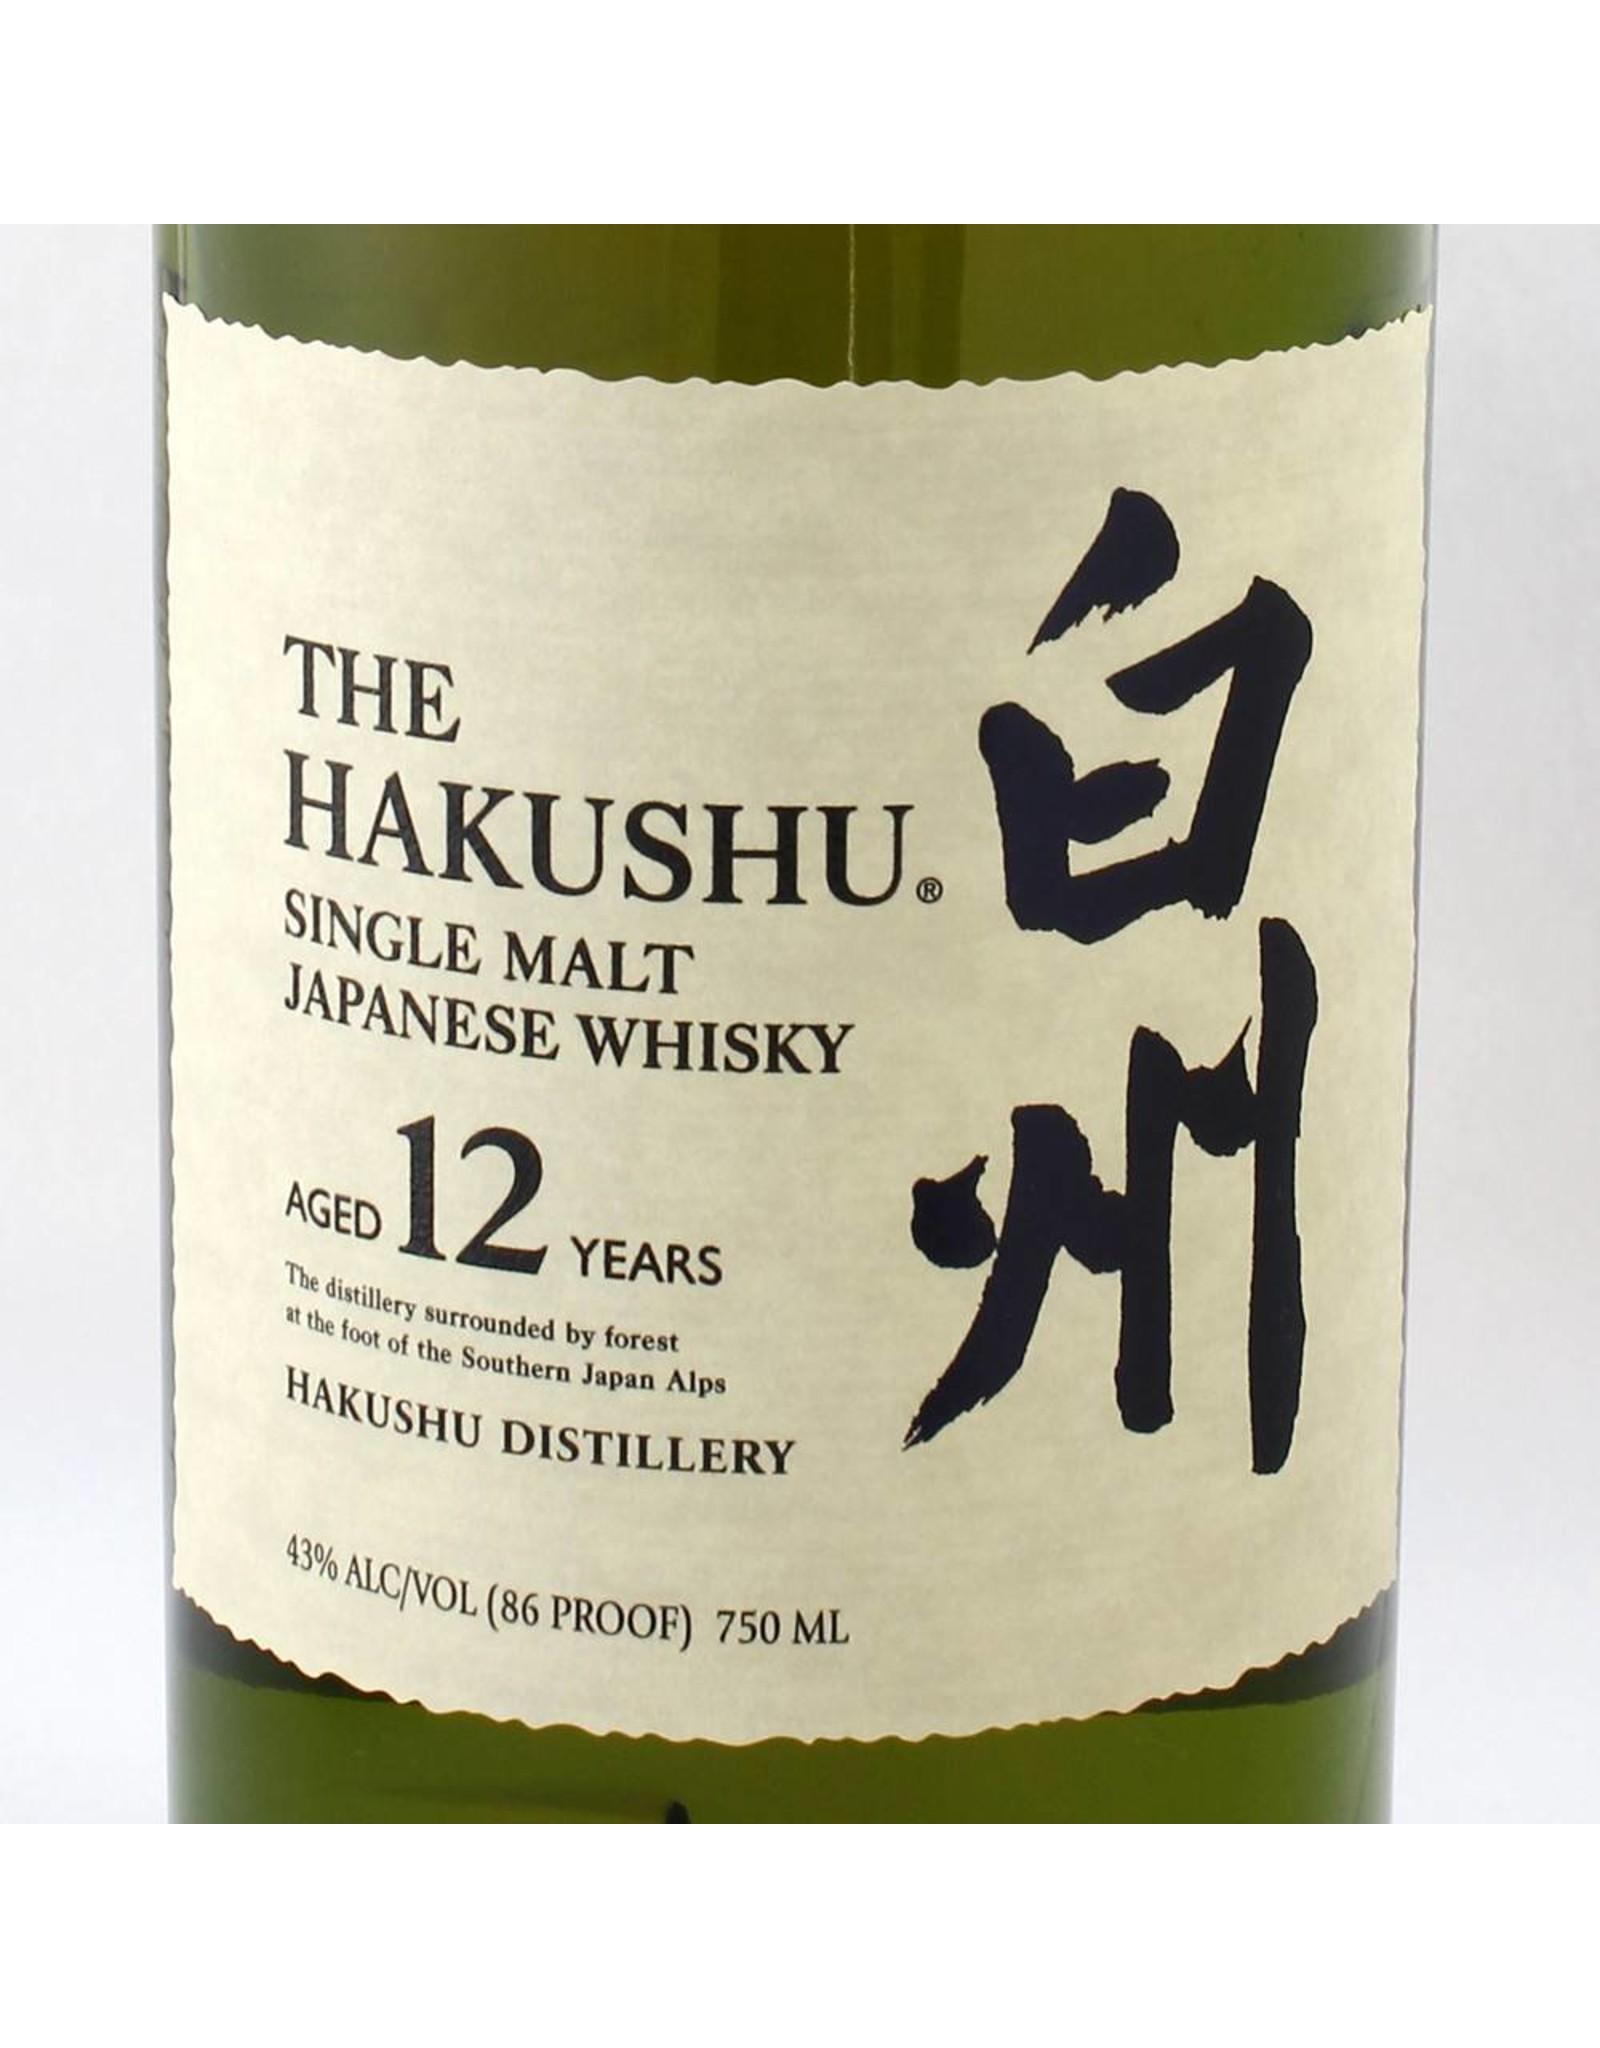 Suntory The Hakushu Single Malt Japanese Whisky 12 year